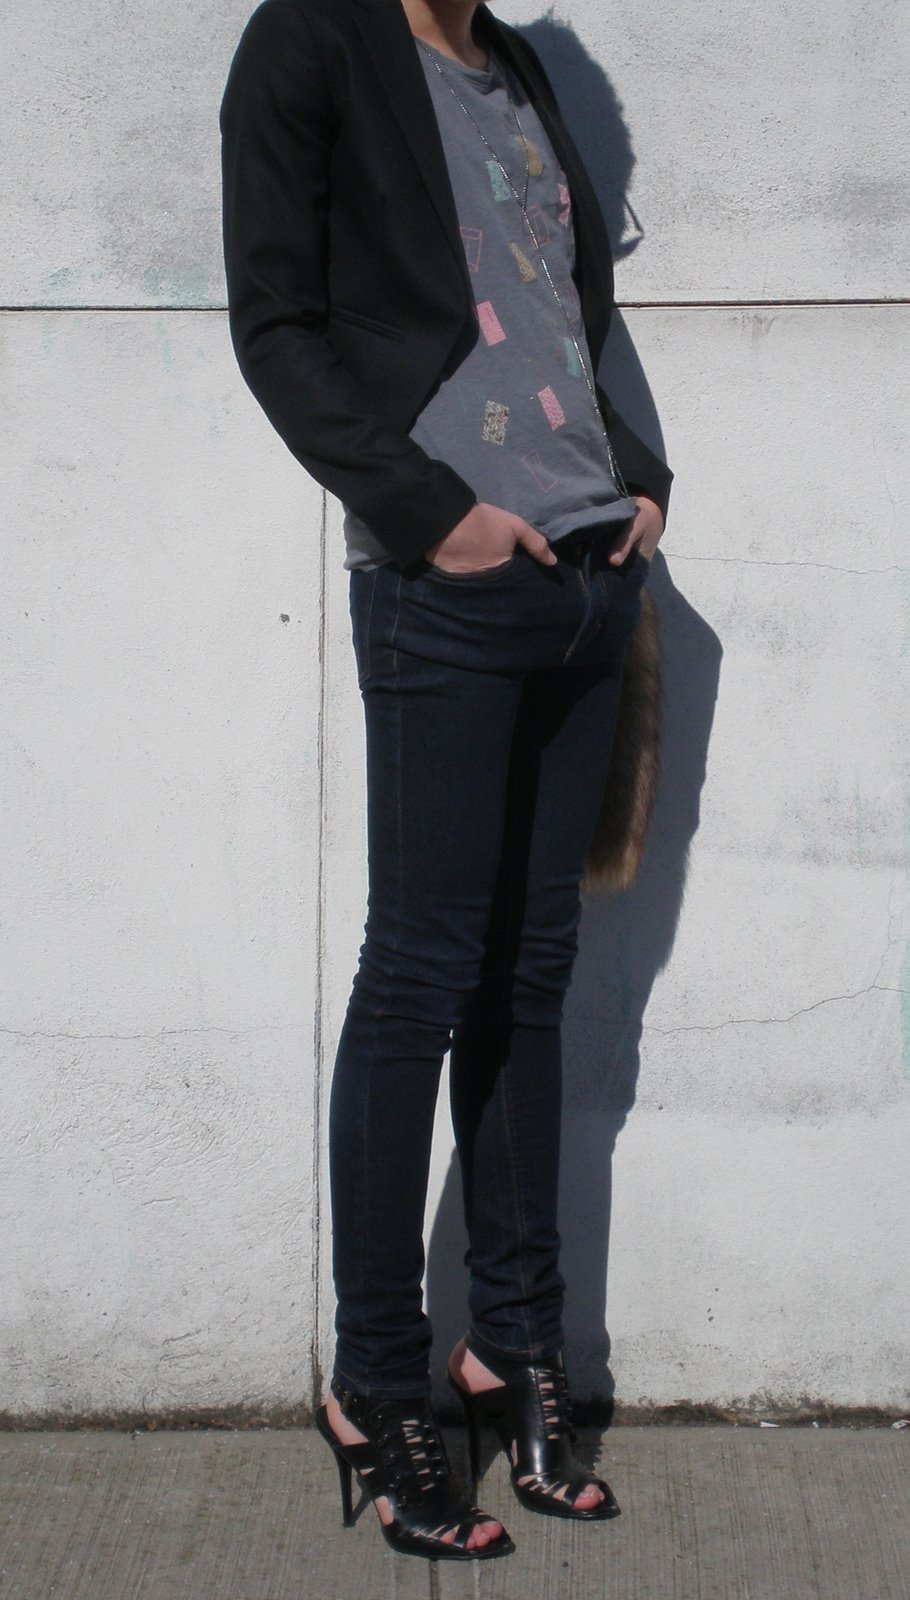 chaussure avec talon haut pour homme page 6 chaussures forum mode. Black Bedroom Furniture Sets. Home Design Ideas